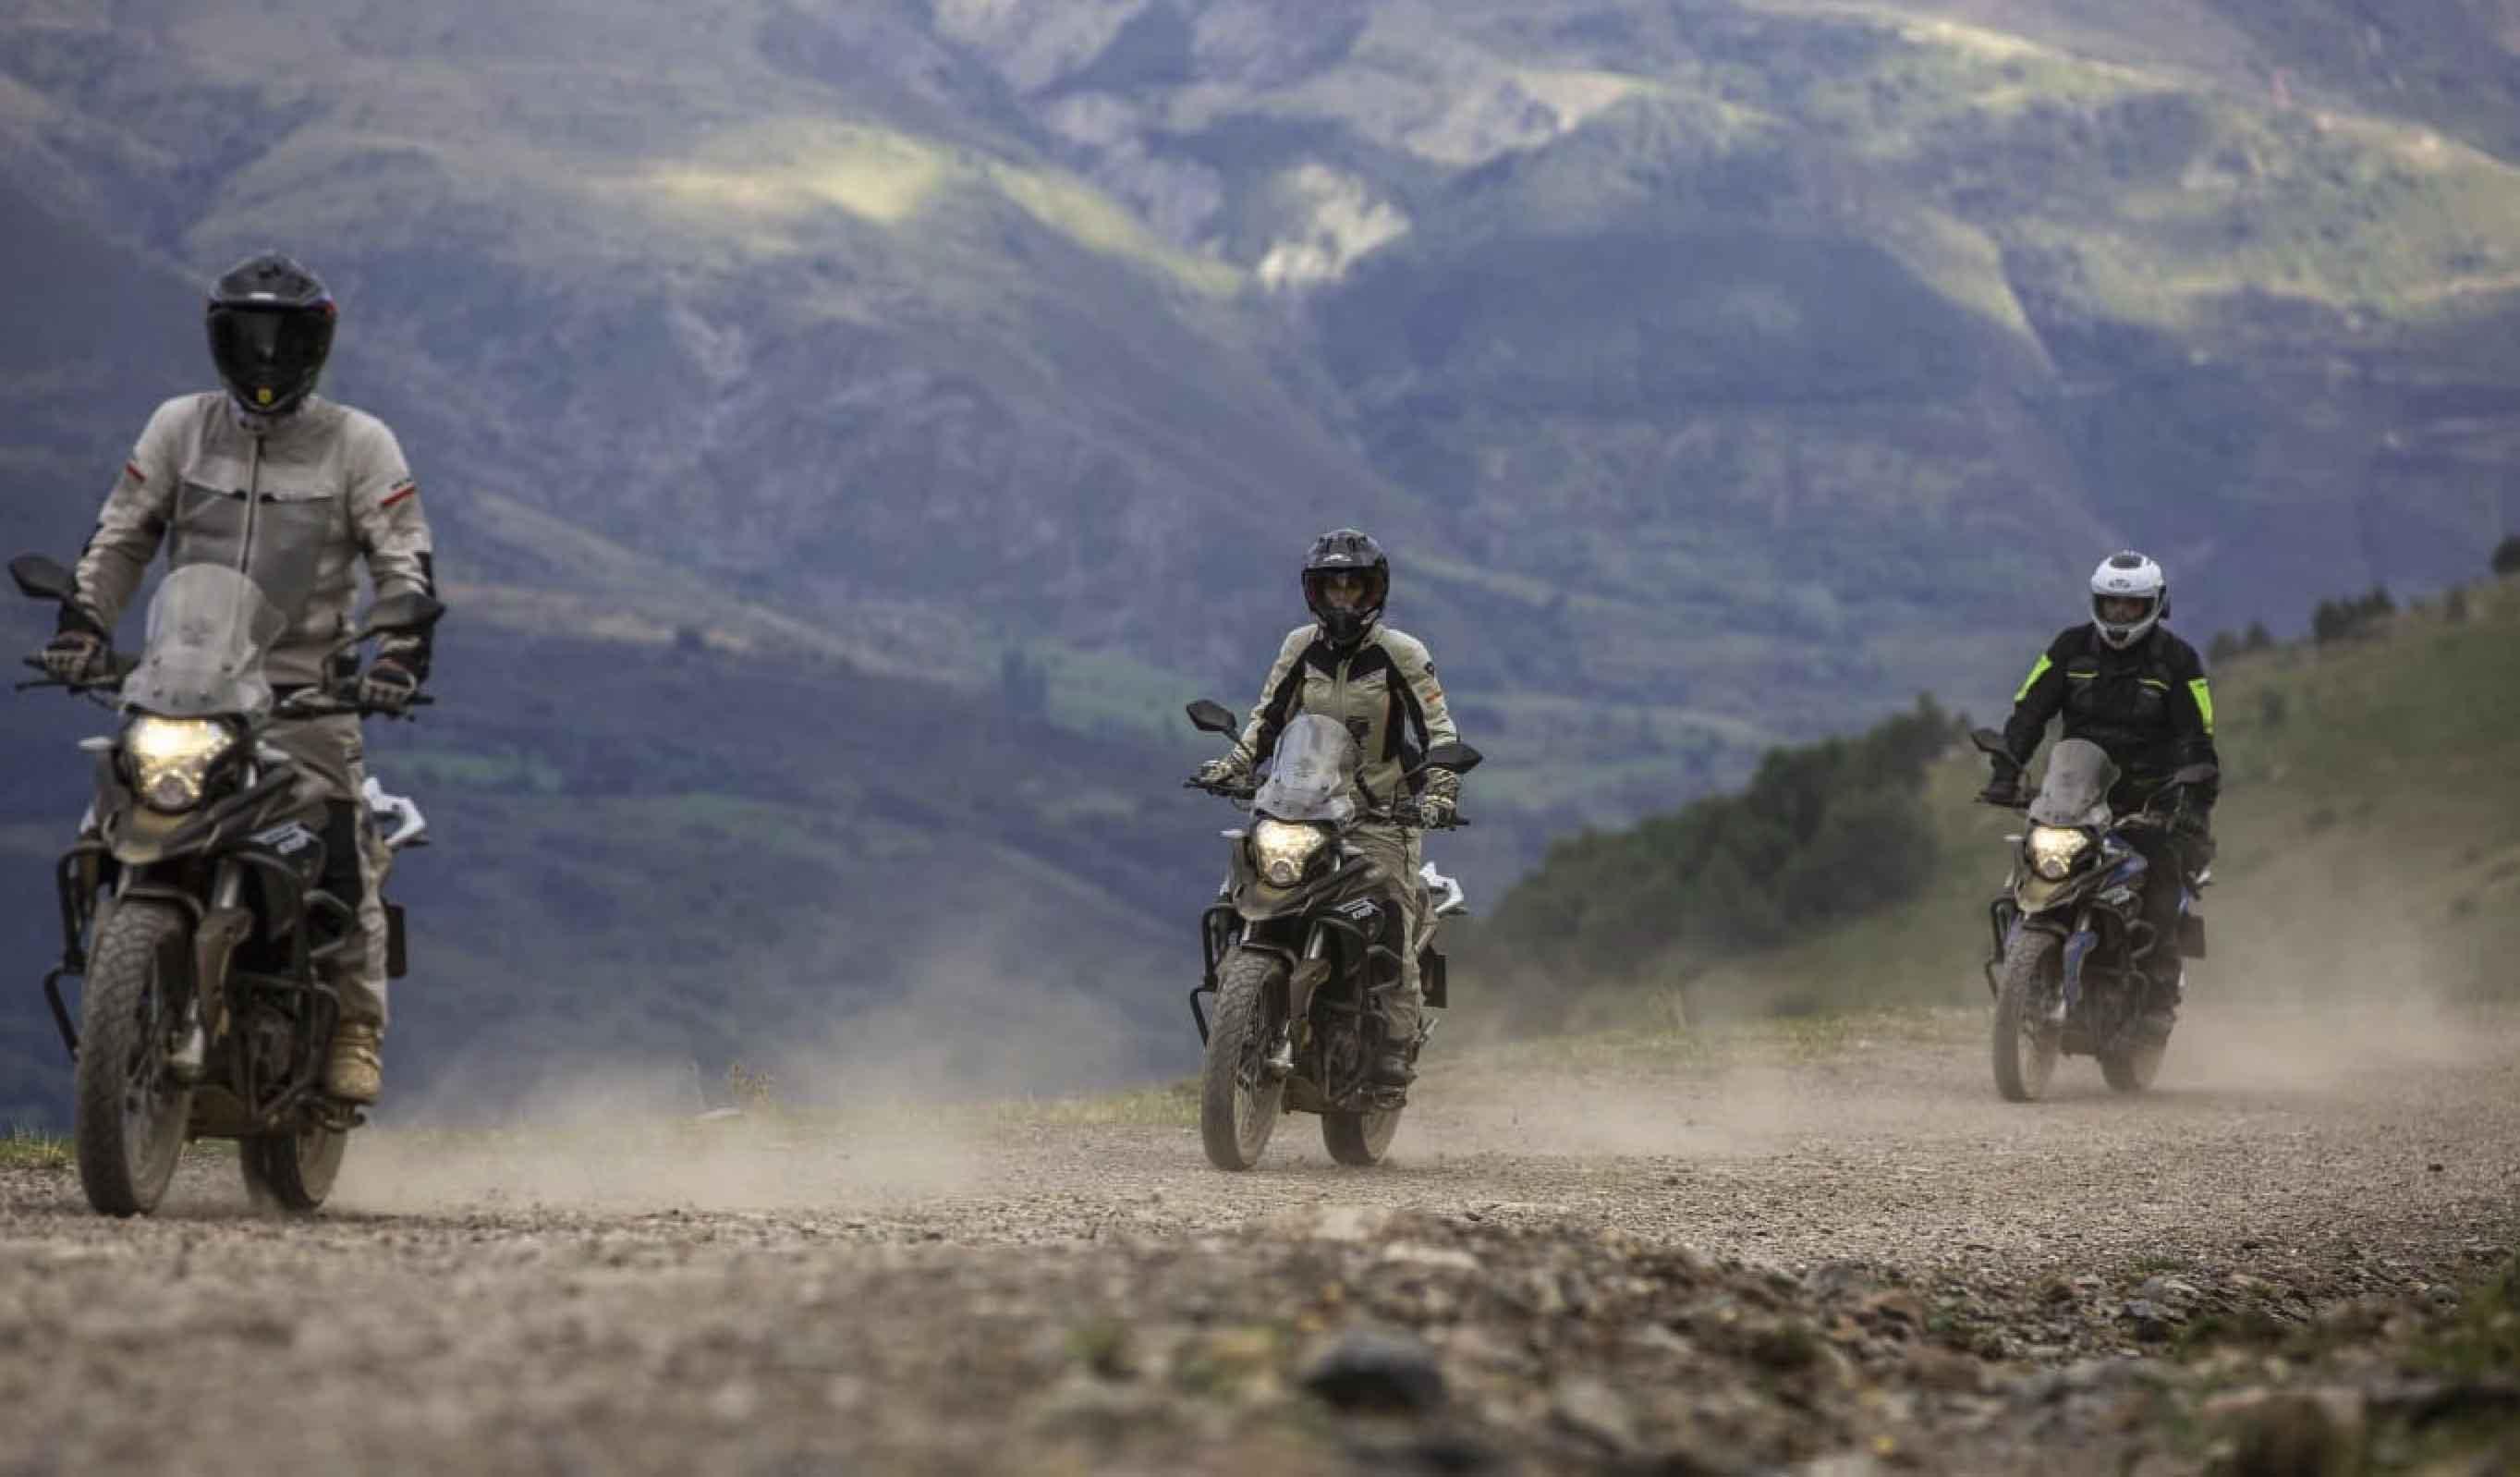 macbor montana xr3, moto trail, moto maxitrail, adventure, motos bordoy, enduro, moto mixta enduro, moto barata, viaje en moto,